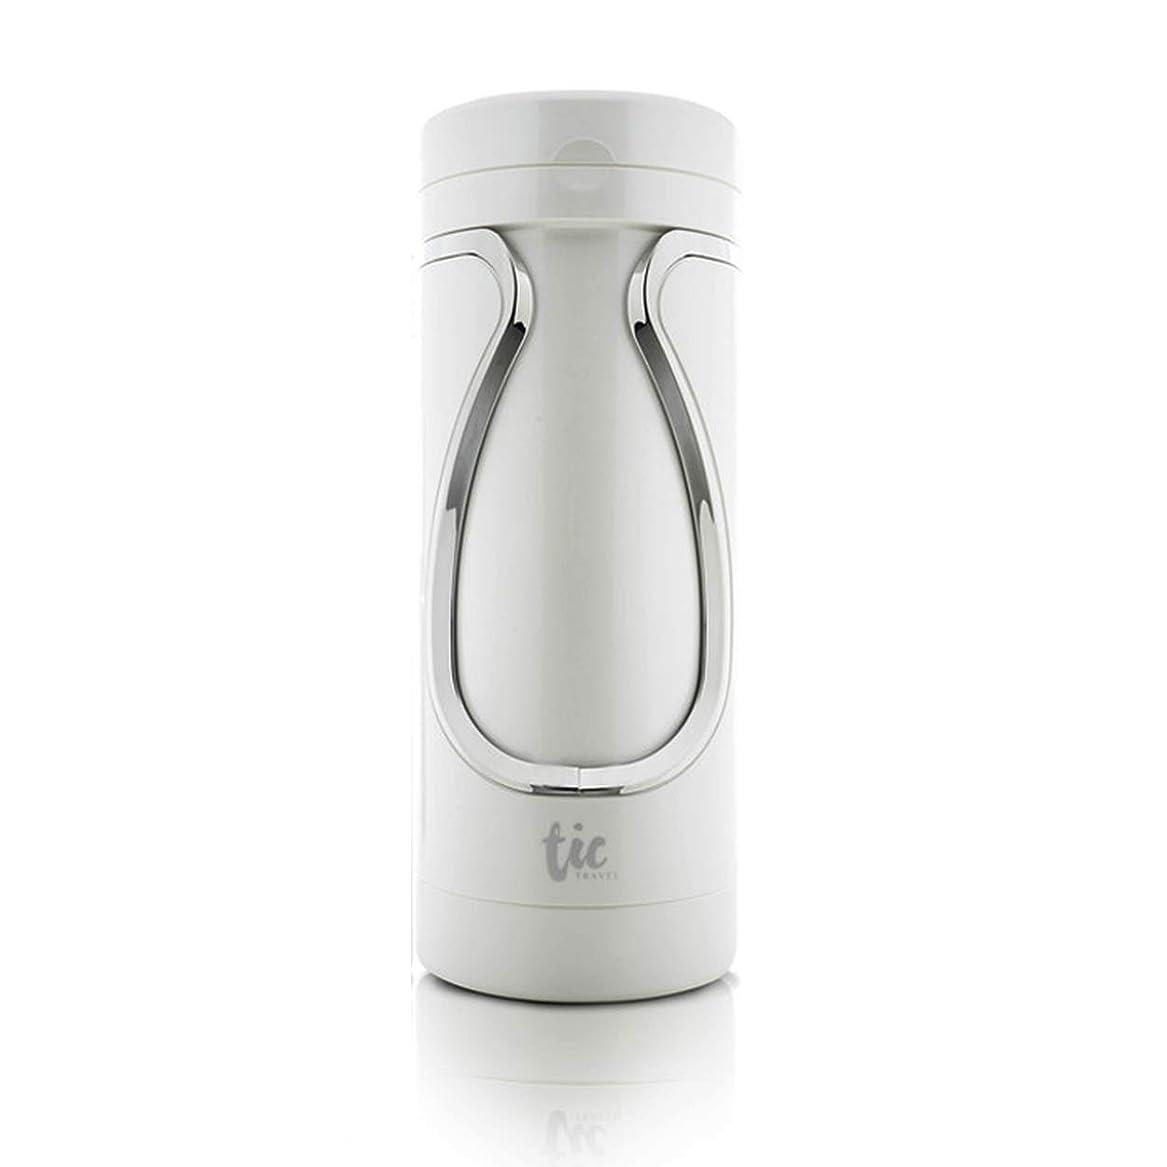 同情的辞任中絶Tic travel bottle Tic旅行収納ボトル スキンケア用品 シャワージェル収納 シャンプー収納 トラベルボトル (バス用-silver)